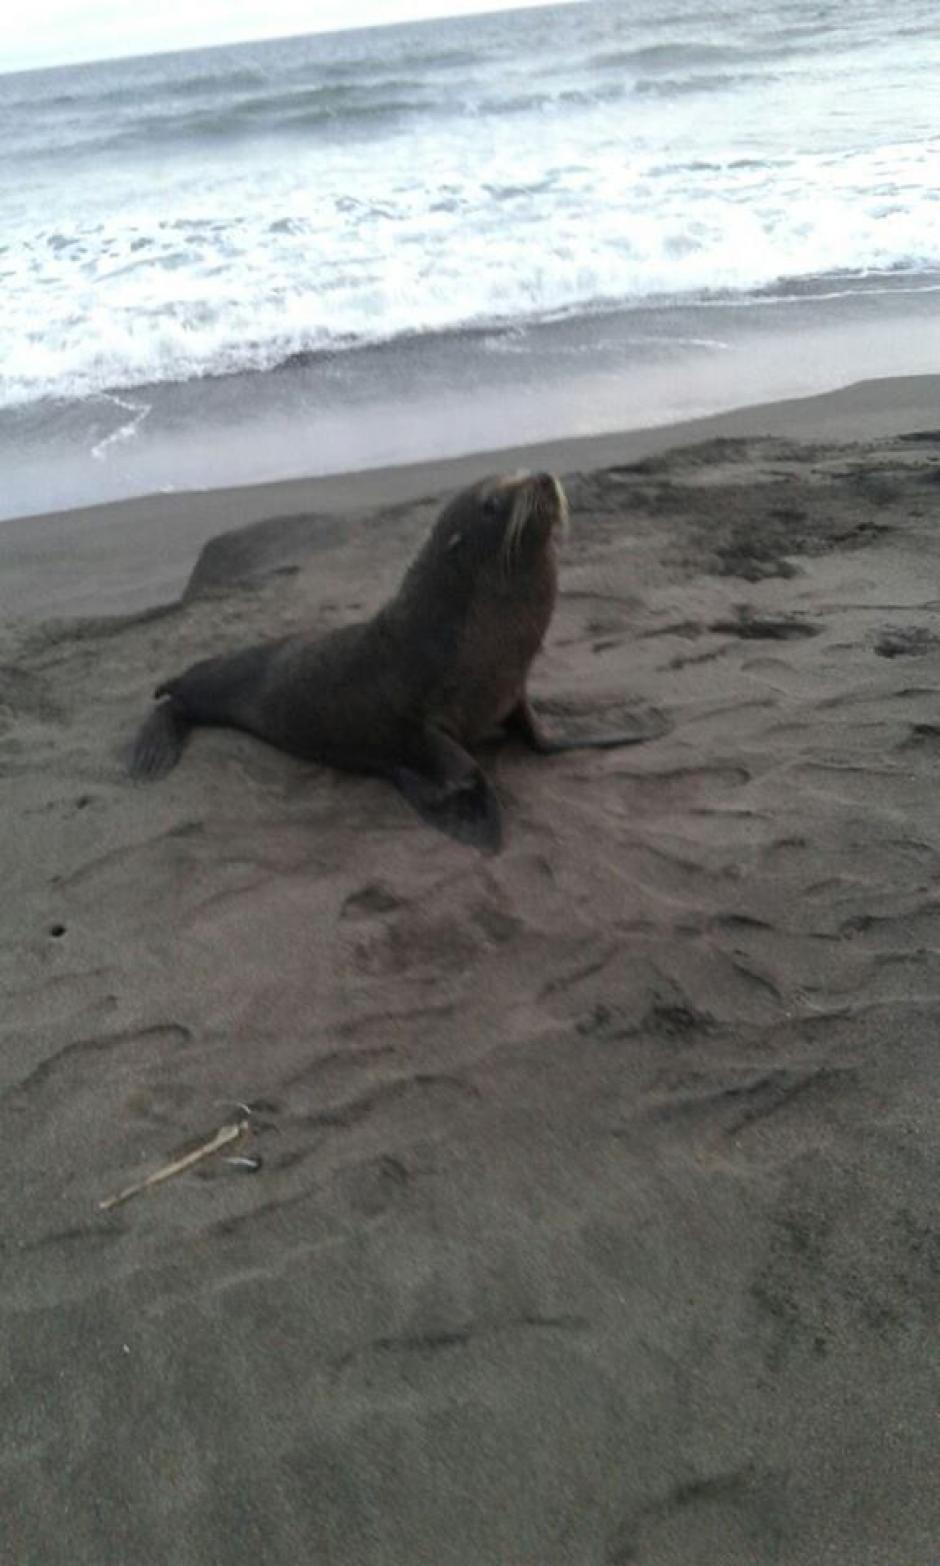 Luego de recuperar al animal, el CONAP lo liberará en aguas abiertas. (Foto: Compra Ganado Guatemala/Facebook)